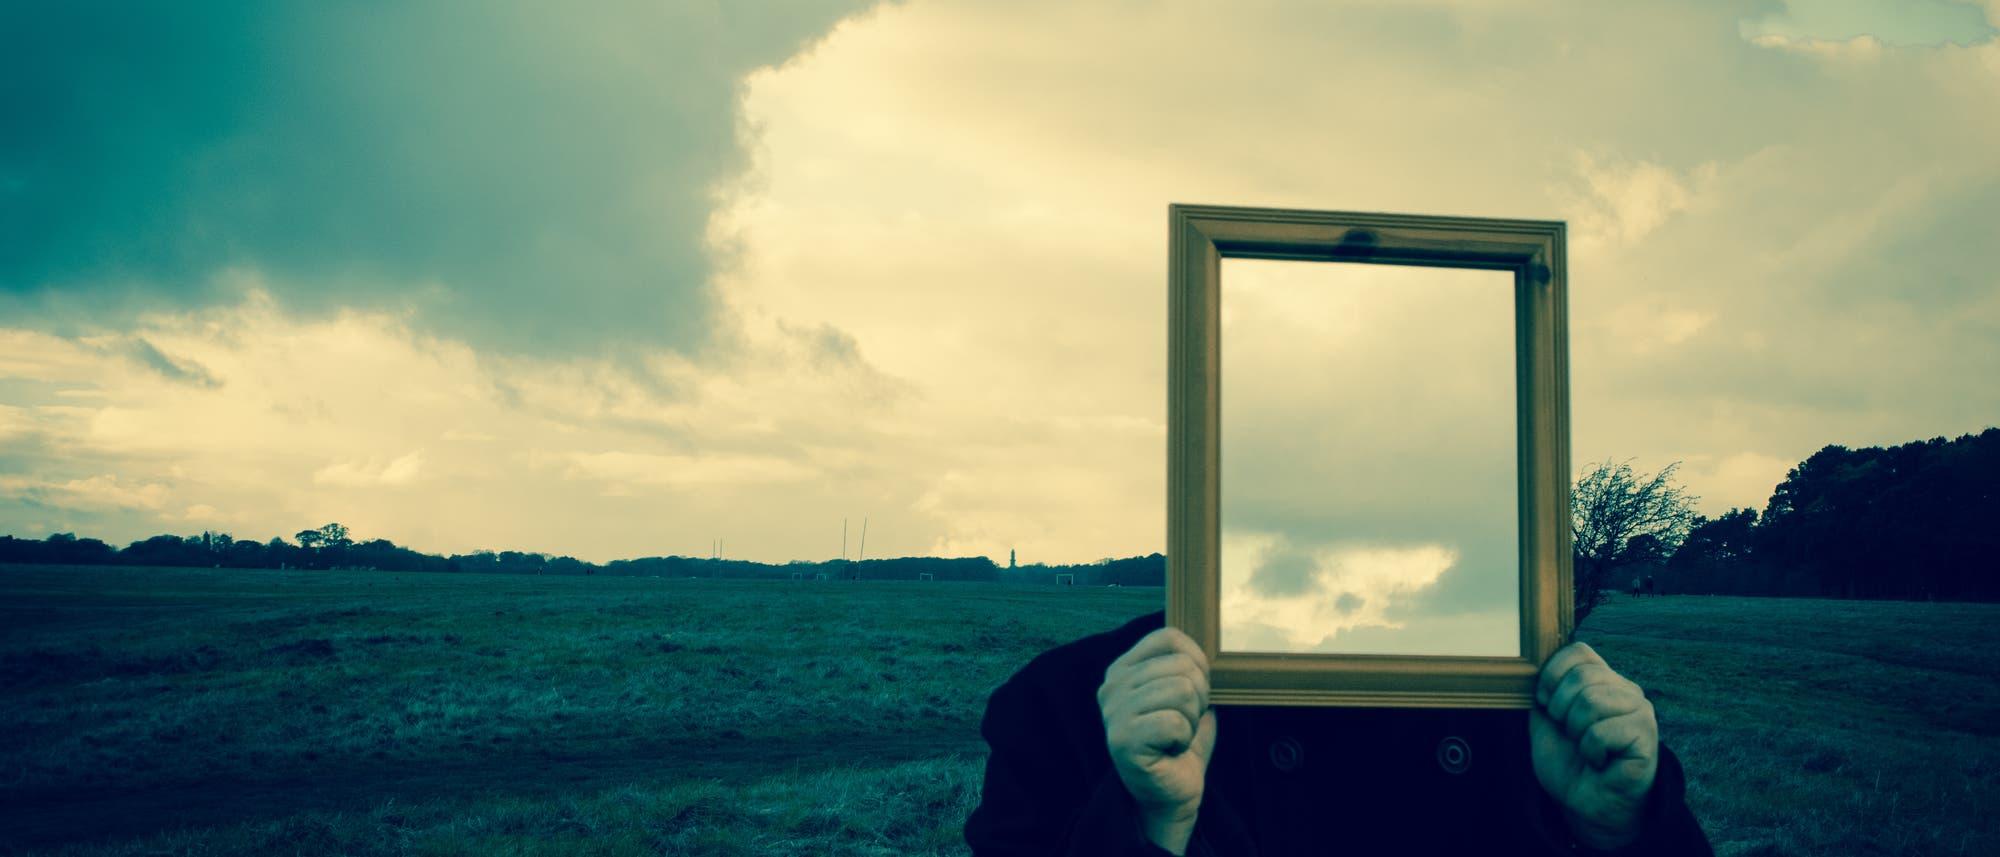 Eine Person hält einen Spiegel vor ihr Gesicht, so dass dieser ihren Kopf ersetzt.